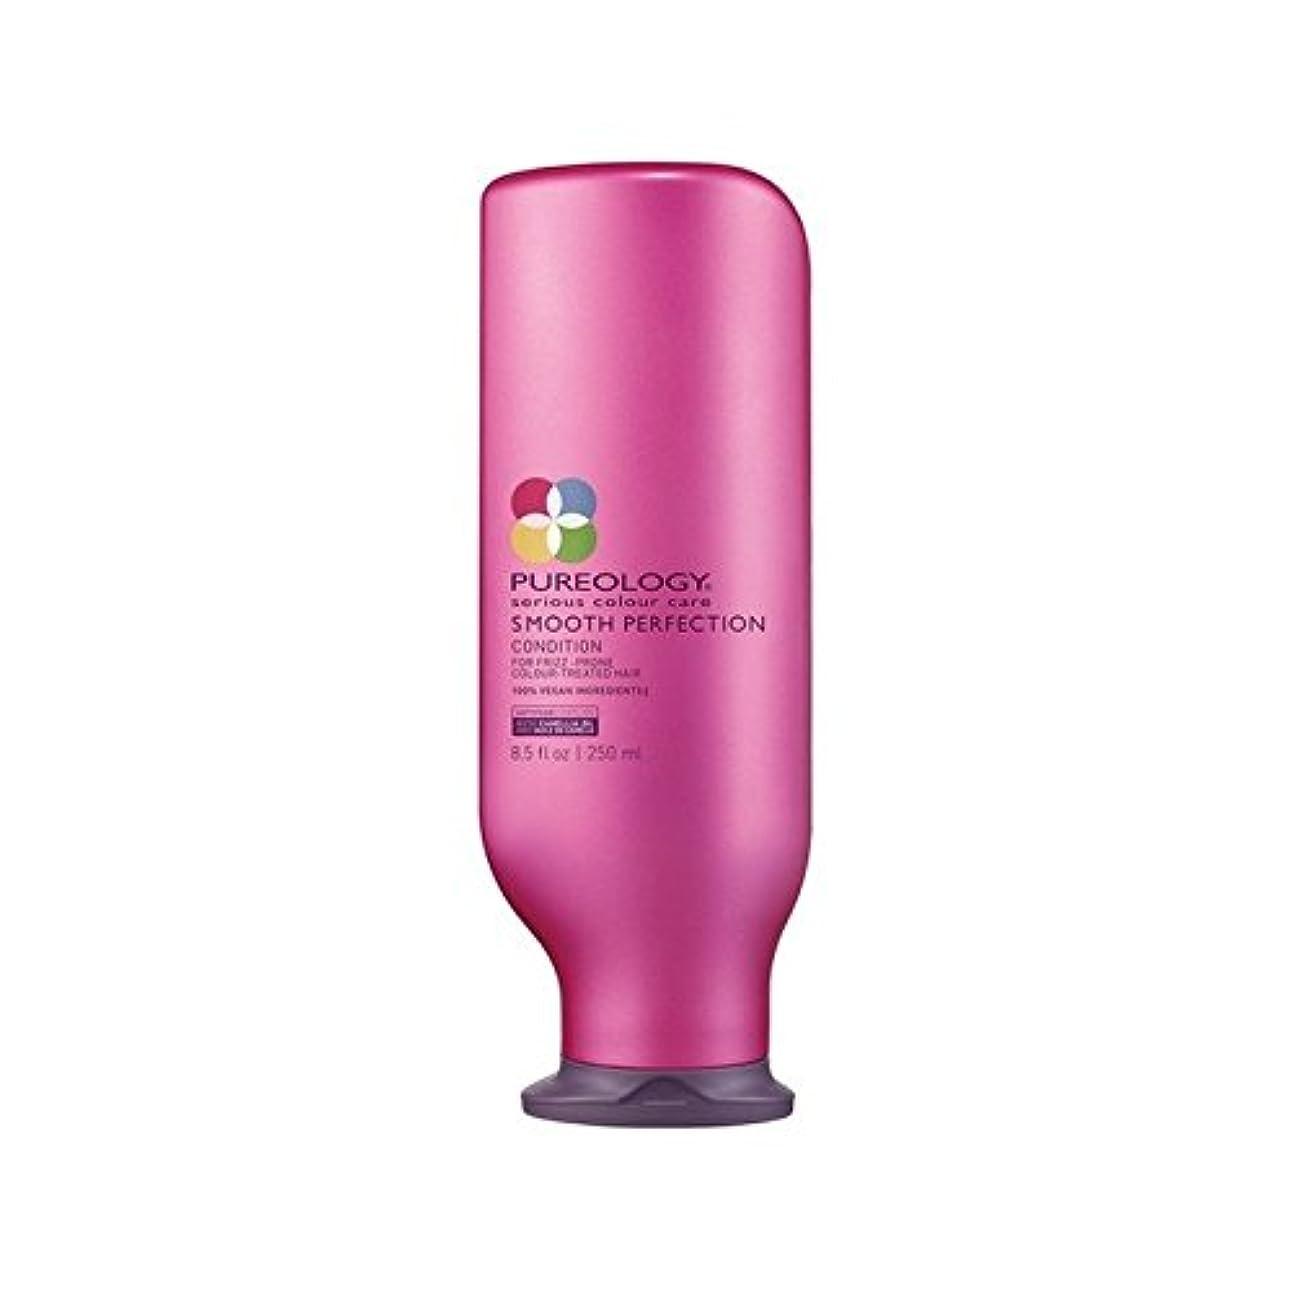 臭い熱心伝染病Pureology Smooth Perfection Conditioner (250ml) - 平滑完全コンディショナー(250ミリリットル) [並行輸入品]